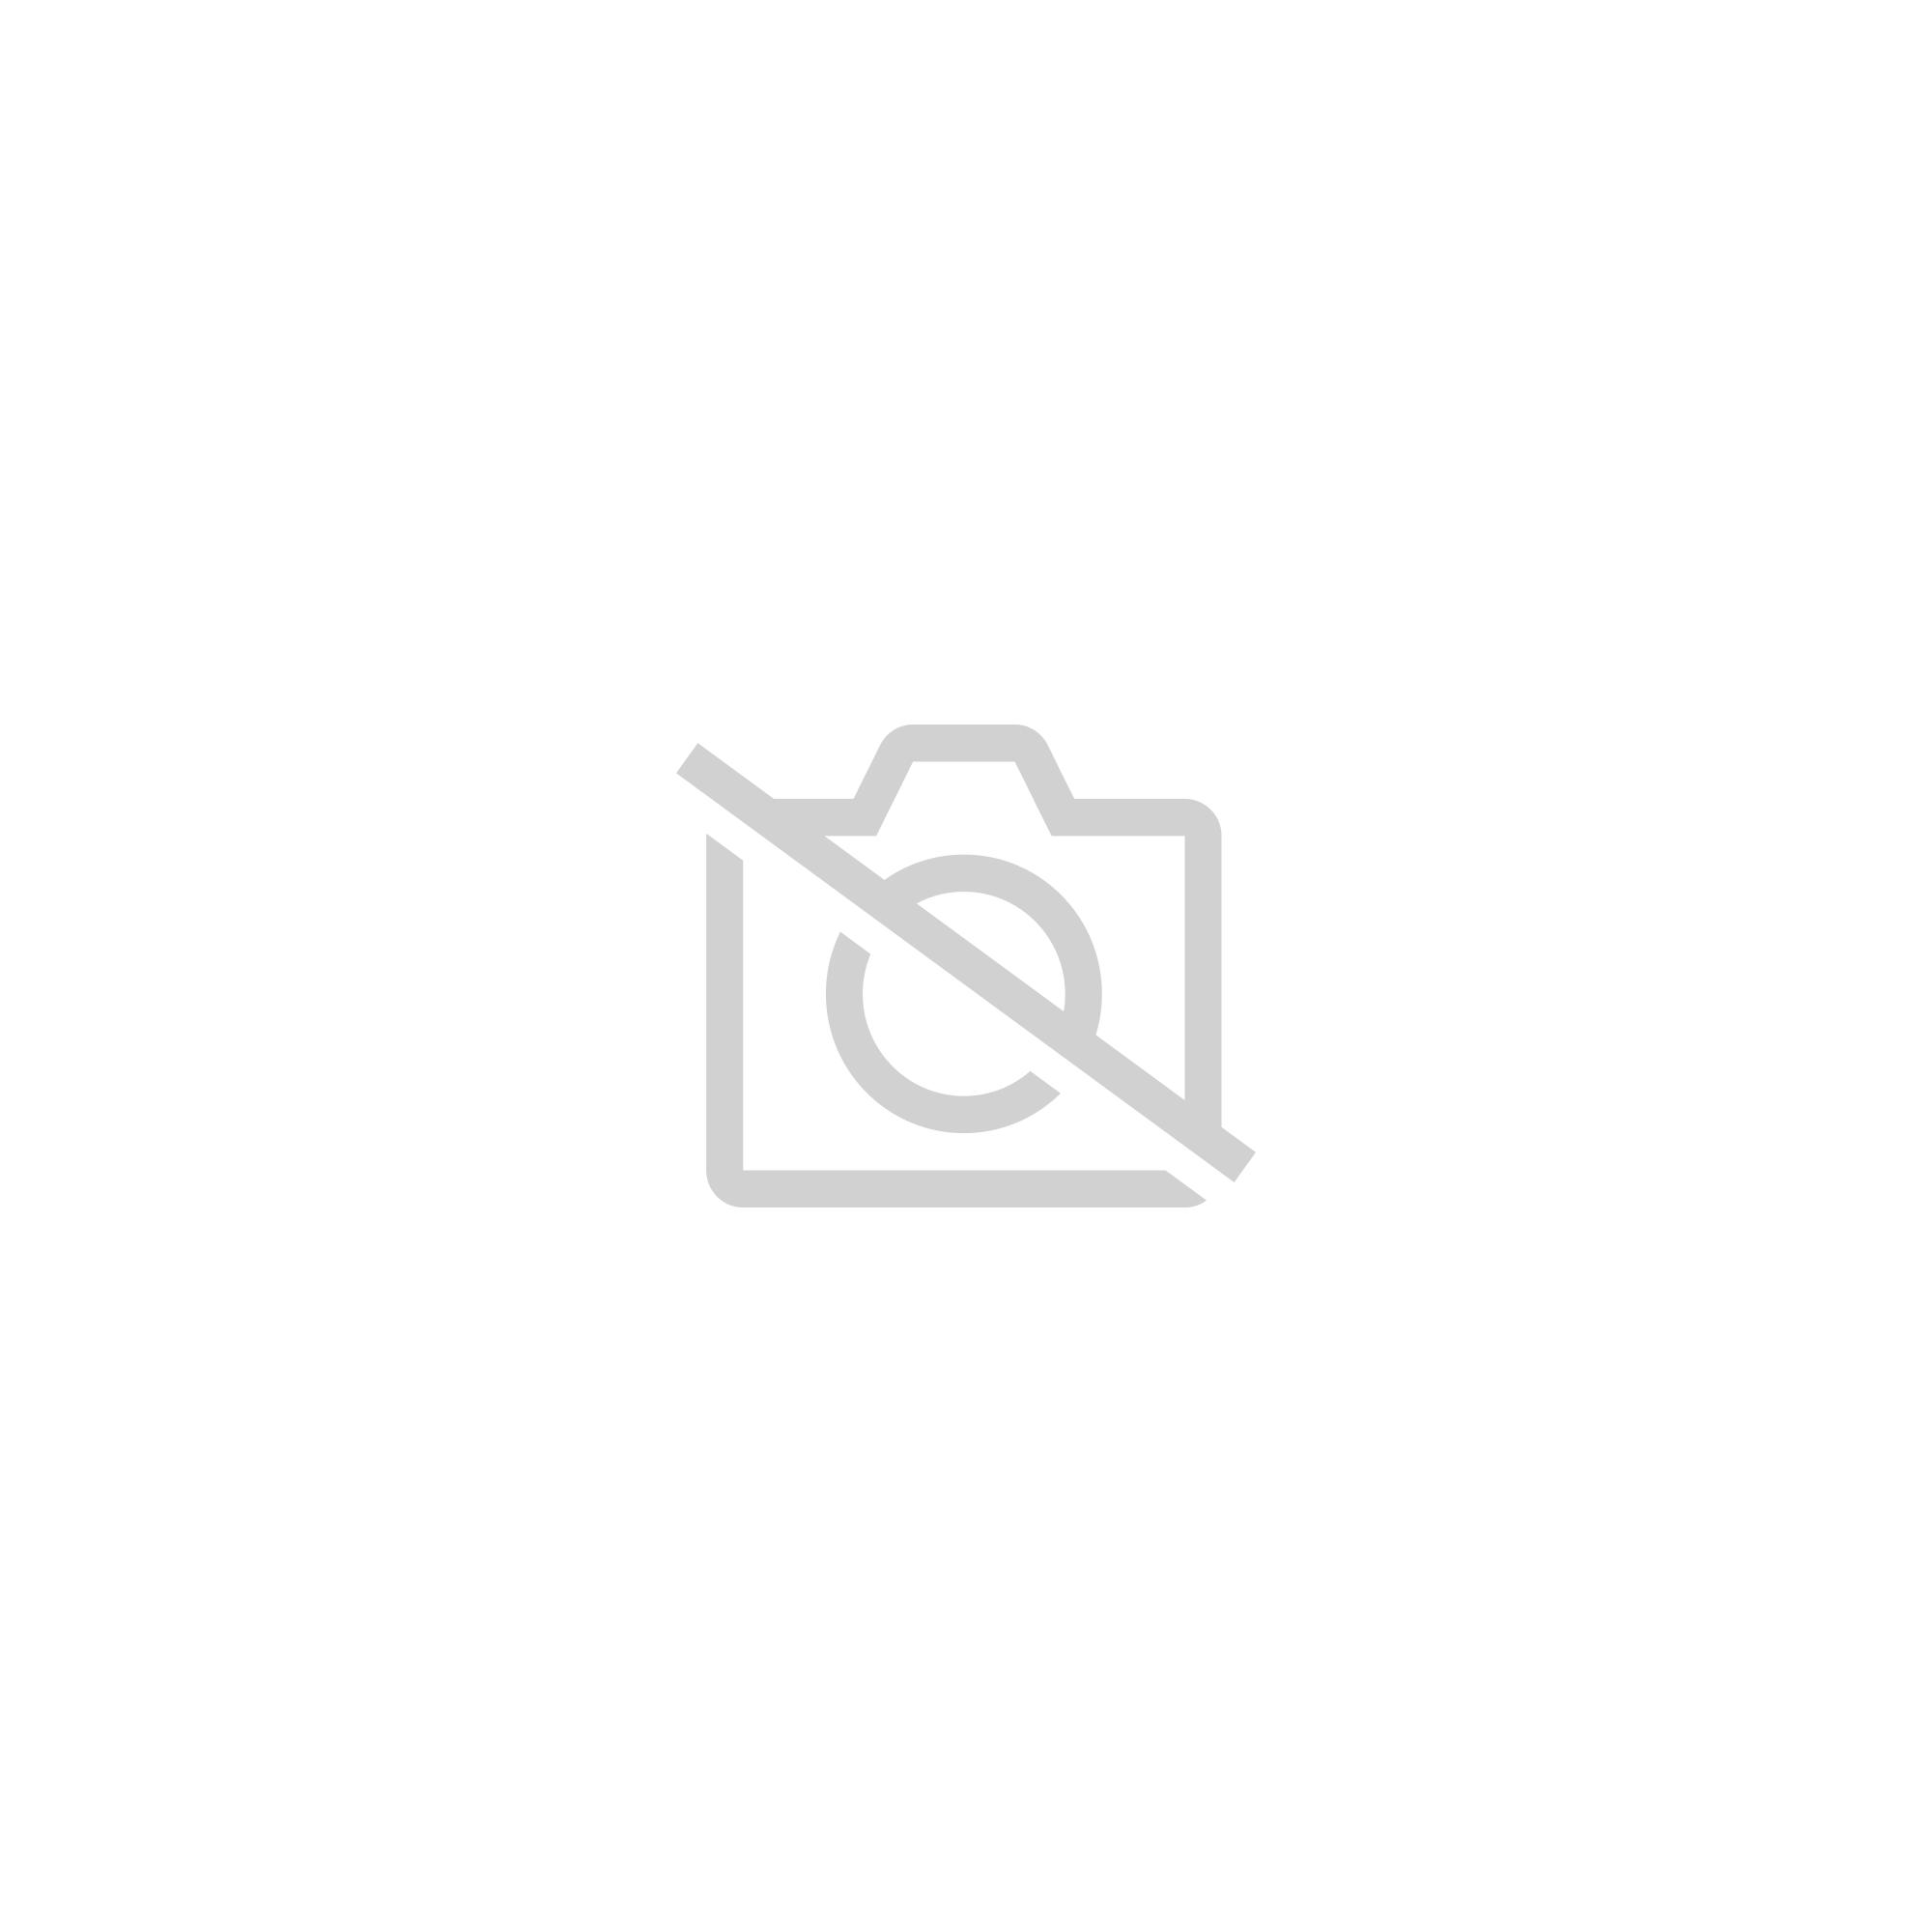 Table De Chevet Componibili kartell table de chevet componibili à un élément (pas de couverture) (blanc  4955 - abs)